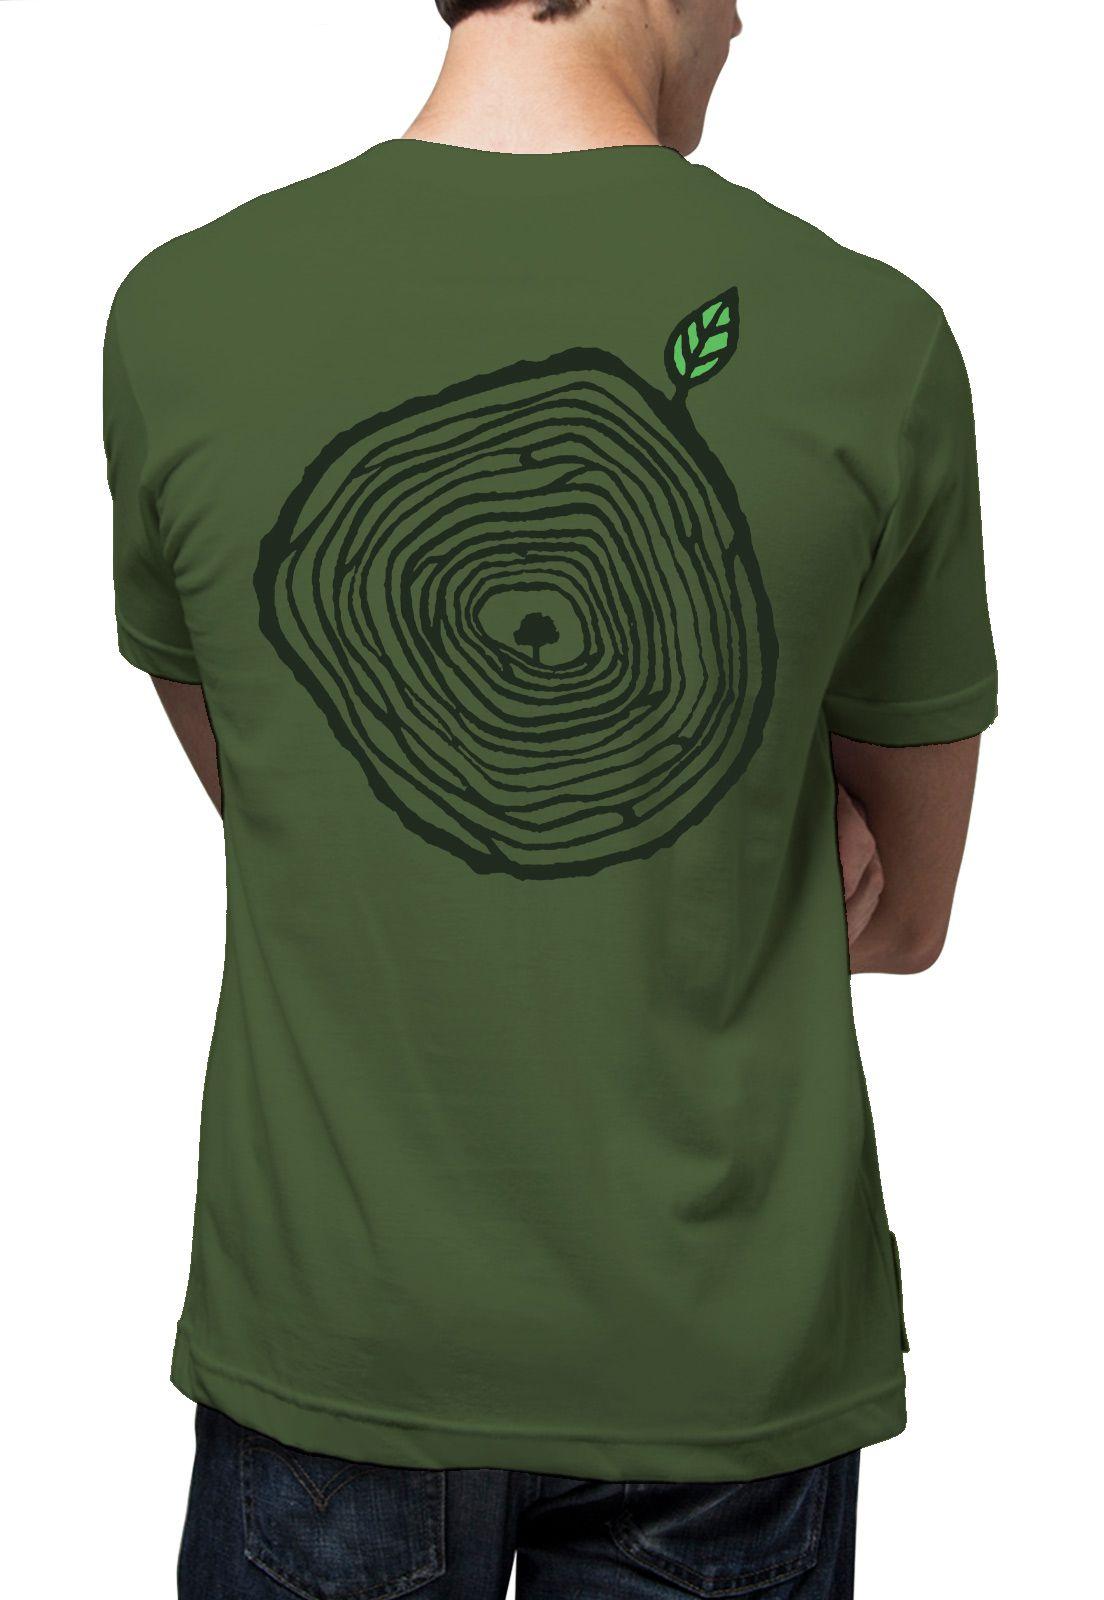 Camiseta Amazônia Anéis de Crescimento - Verde